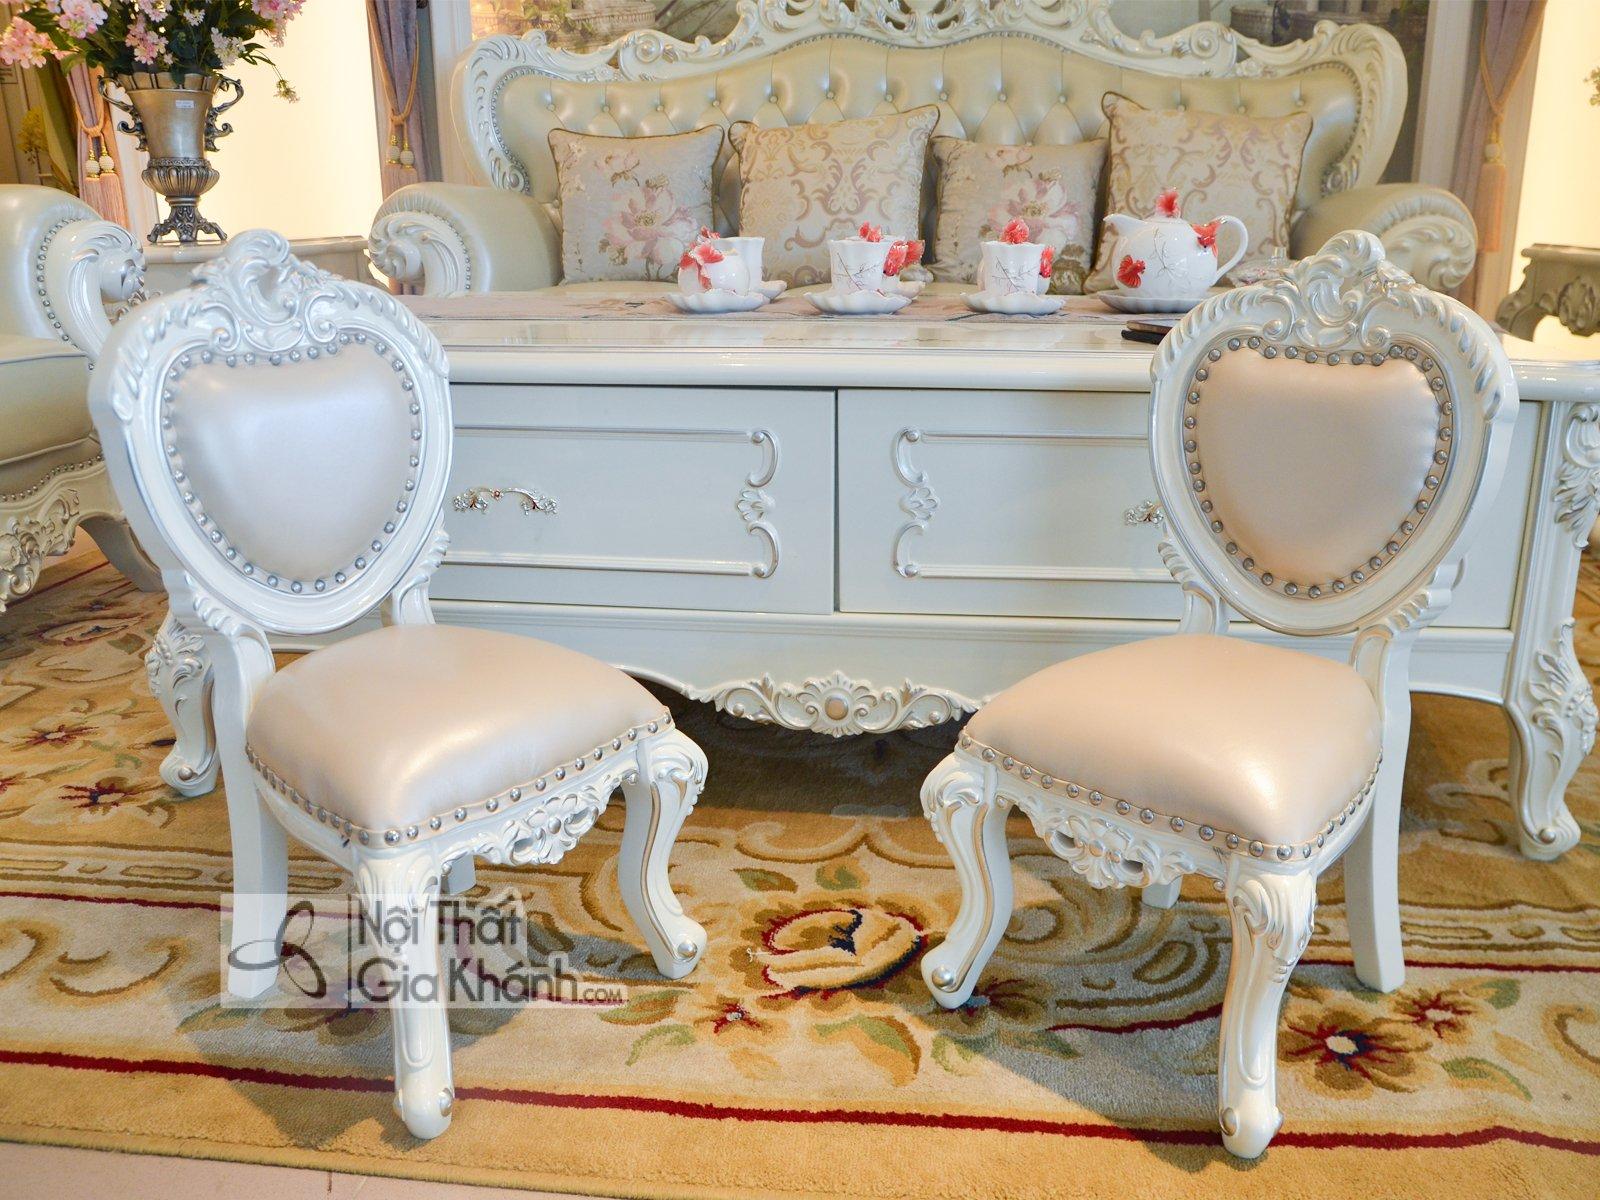 ghe nho dat cung sofa H8801G 4 - Ghế baby đặt cùng sofa tân cổ điển GB8801H